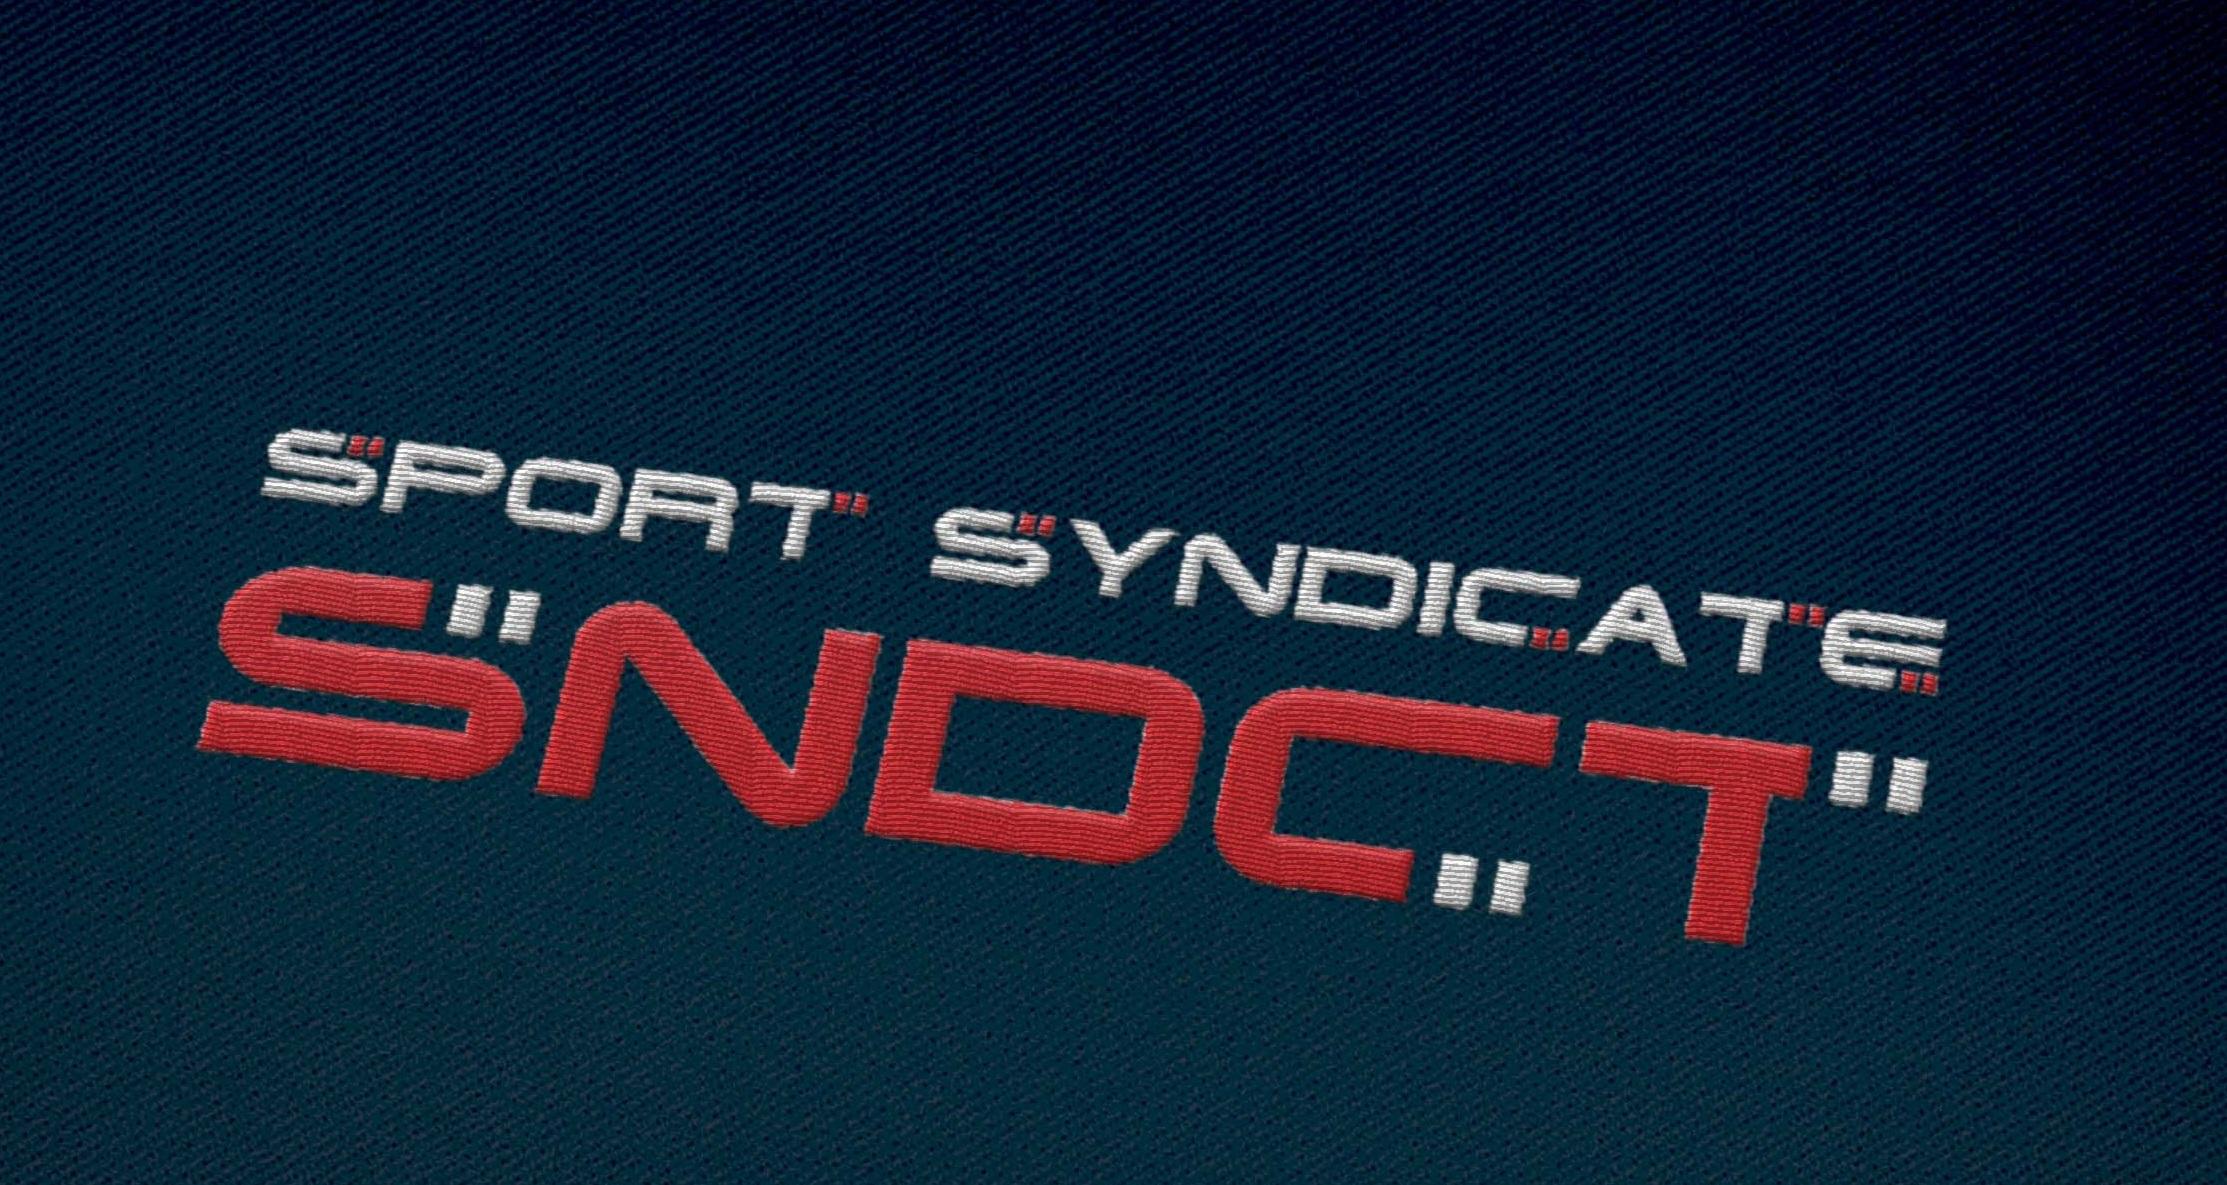 Создать логотип для сети магазинов спортивного питания фото f_6905966dc5cf13c3.jpg